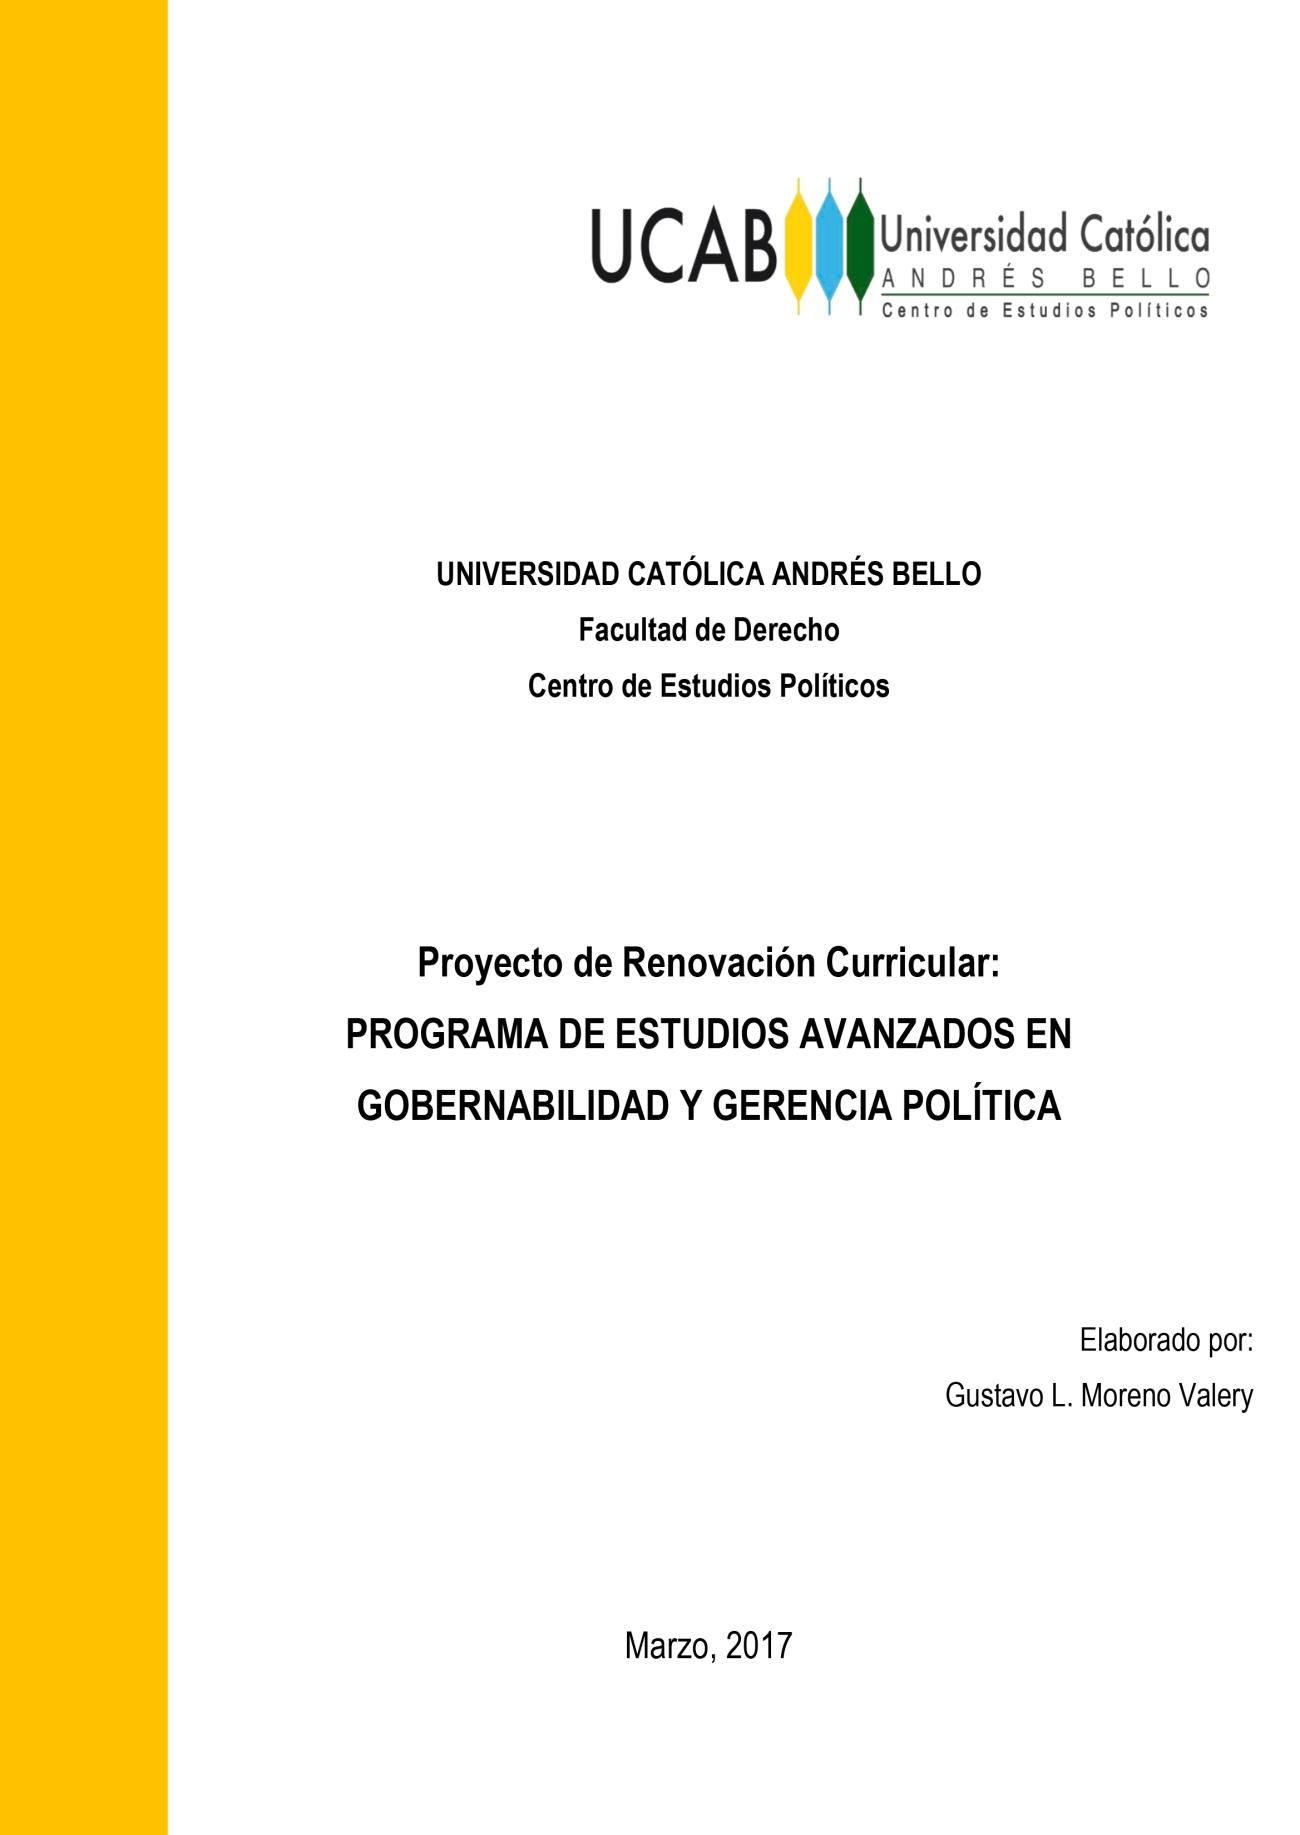 PREA-Gobernabilidad-ultima-versión-mayo-2017-1